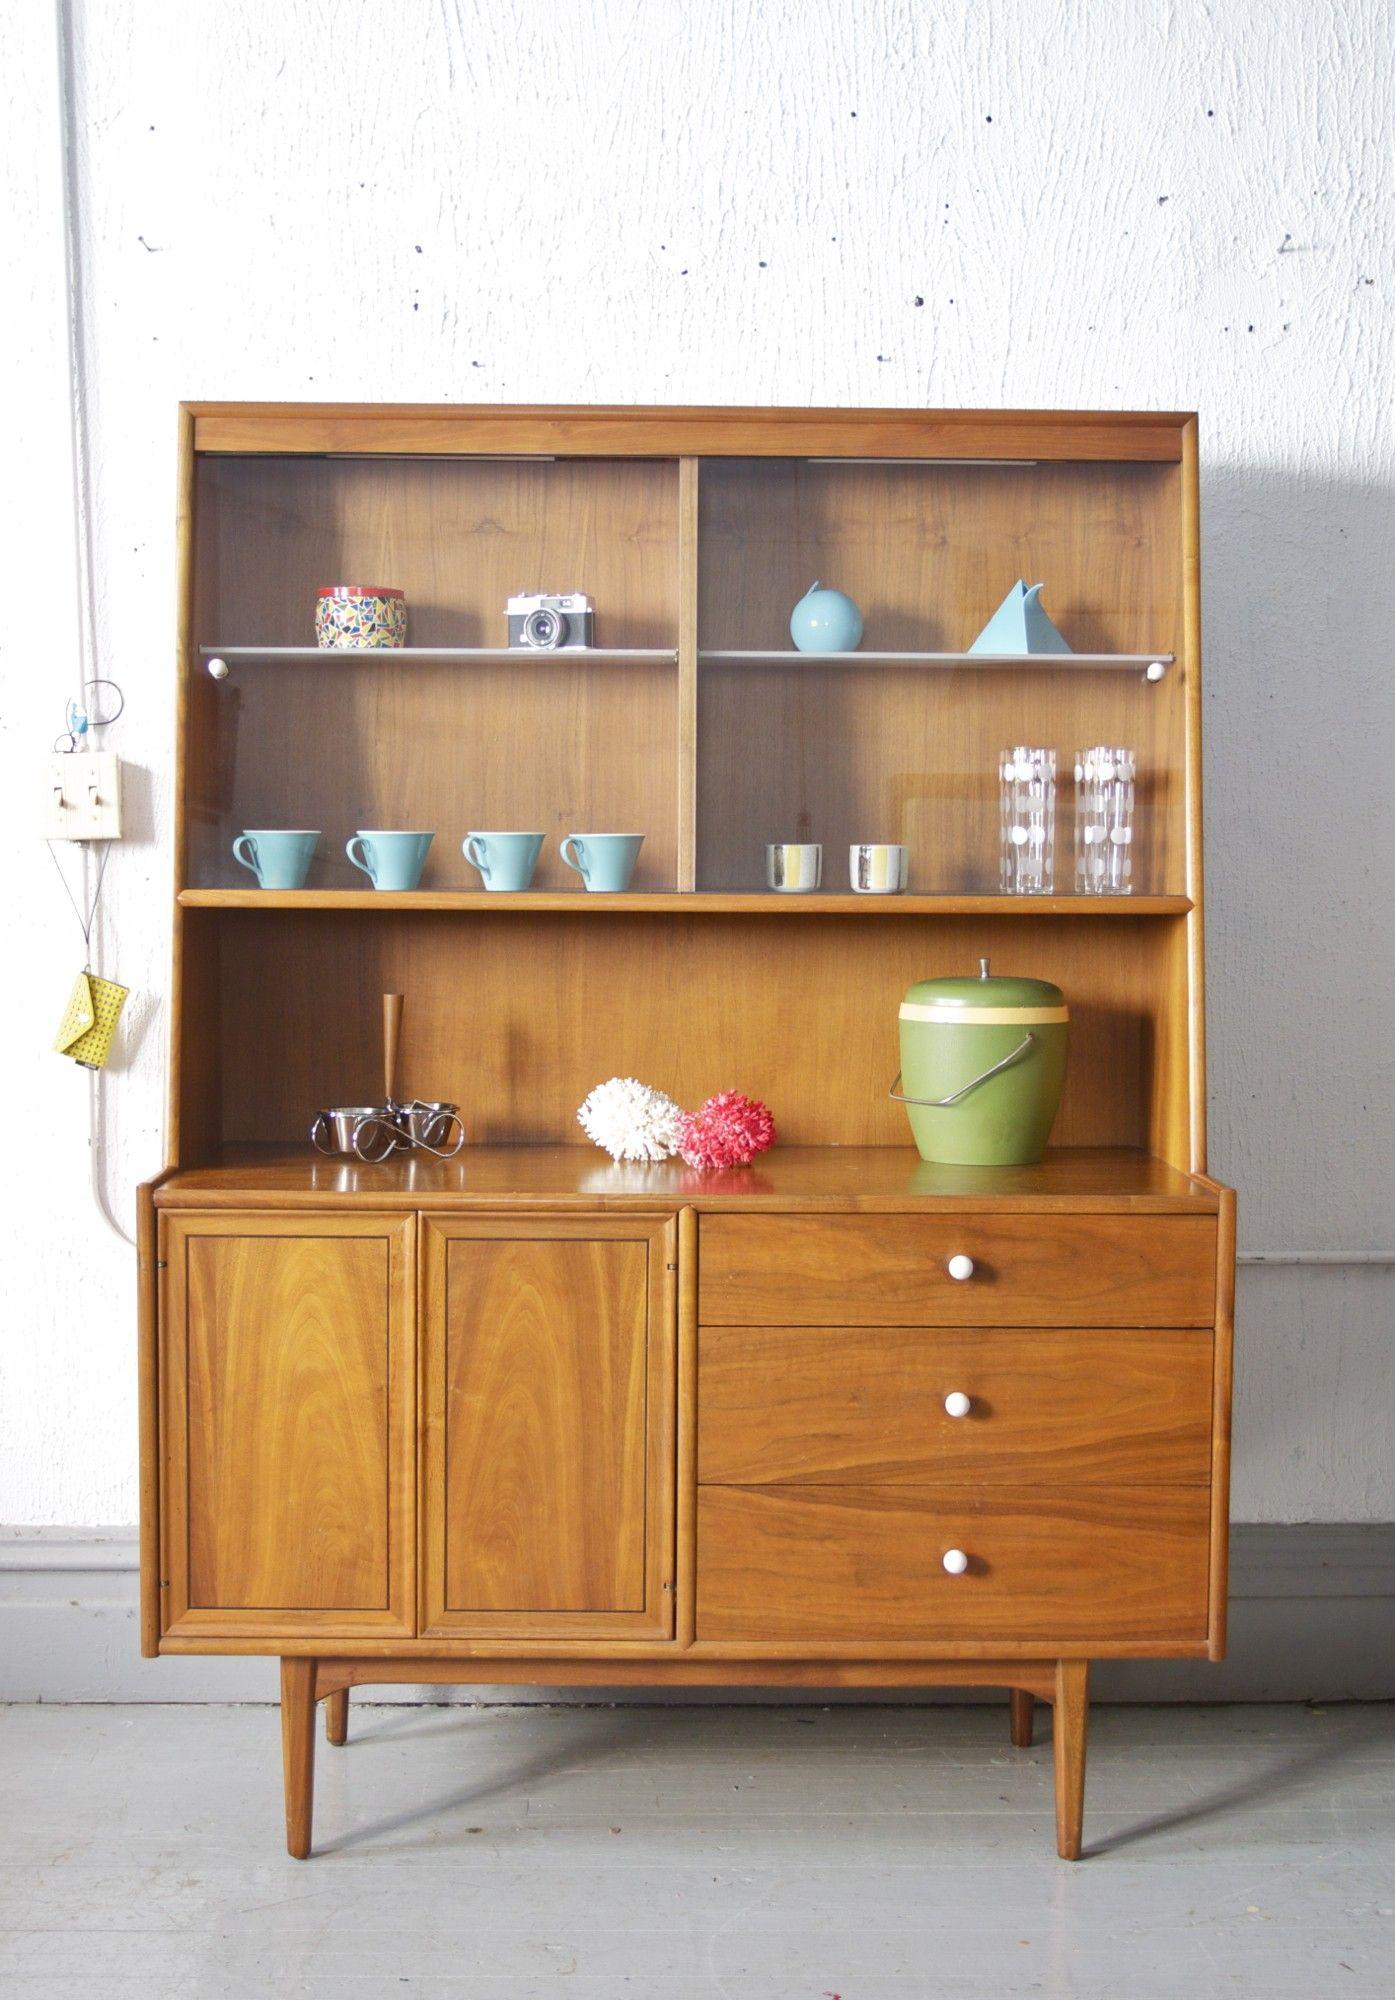 Drexel Kitchen Cabinets Cabinets Matttroy